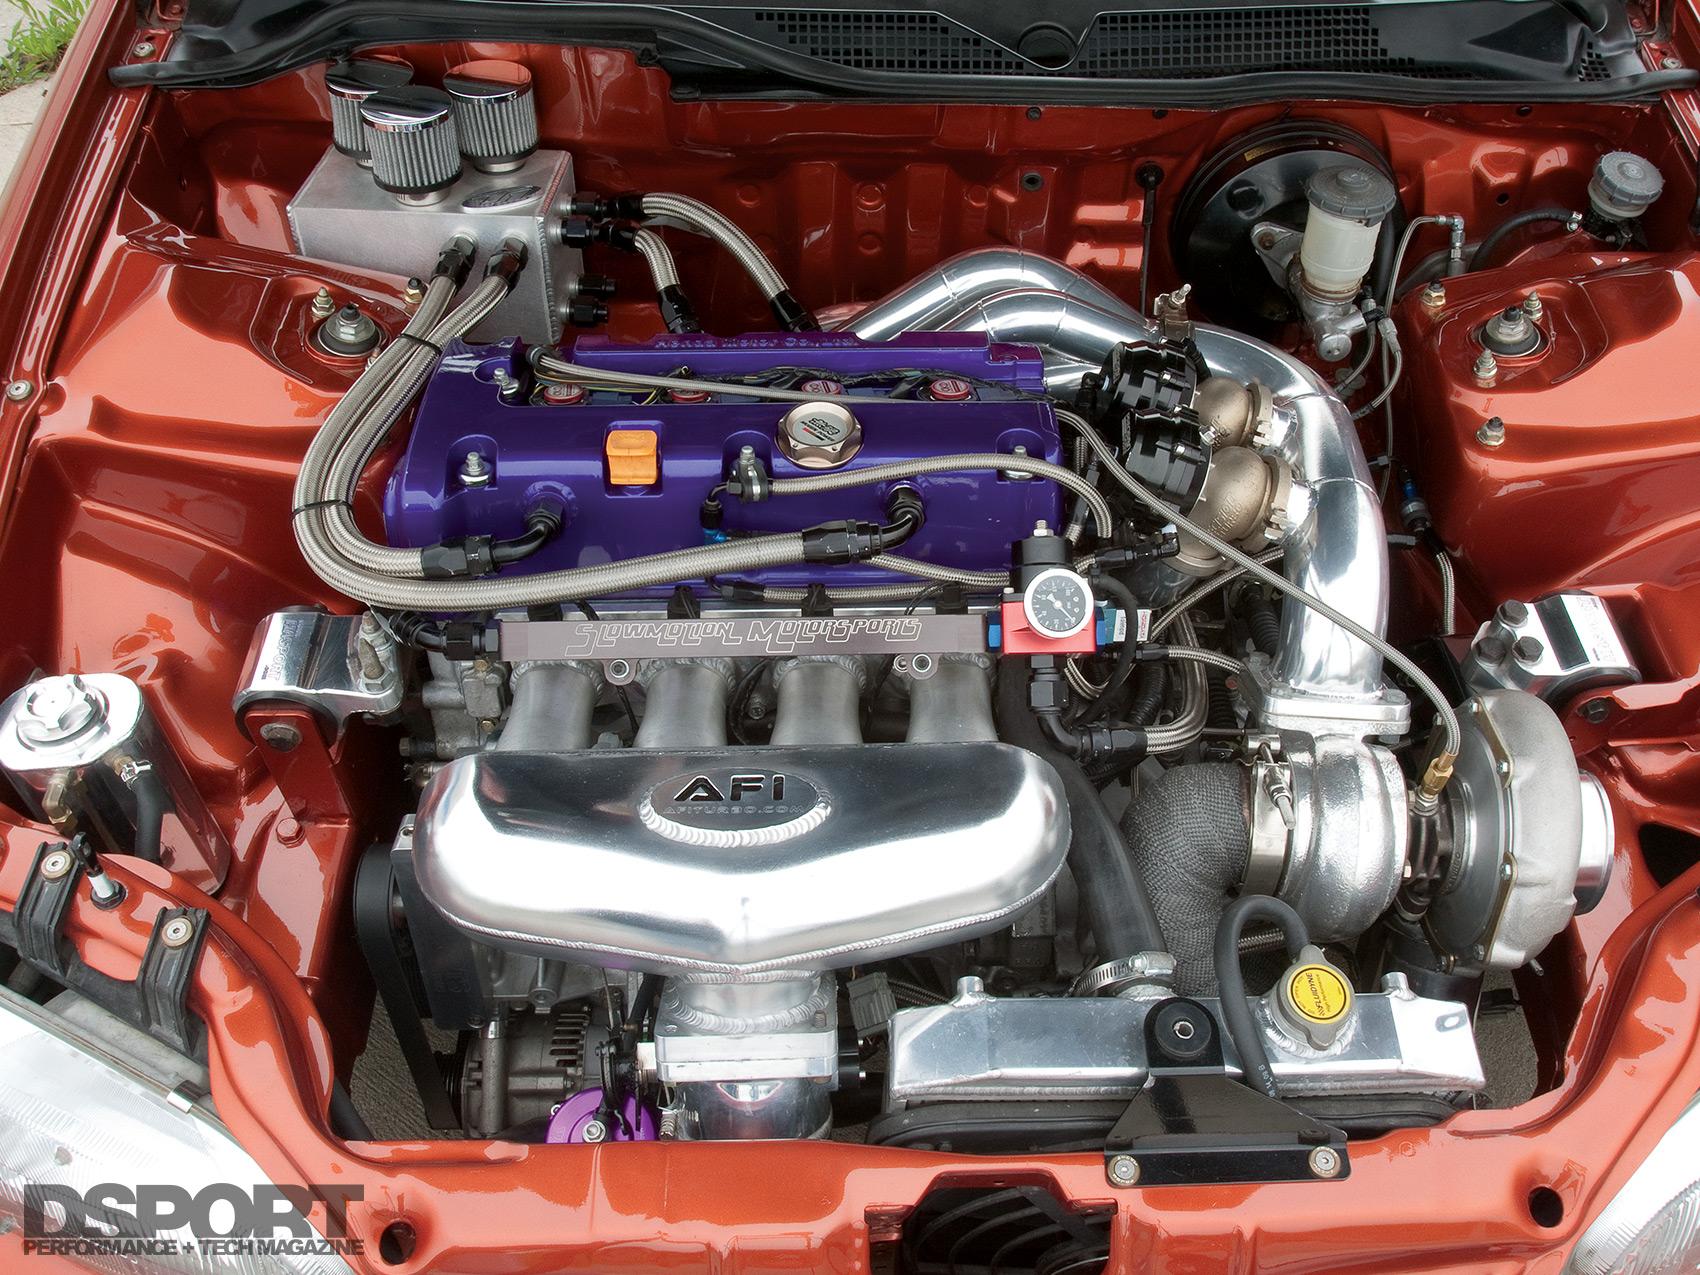 786 HP Turbocharged K-series Honda Civic Aims At Eights